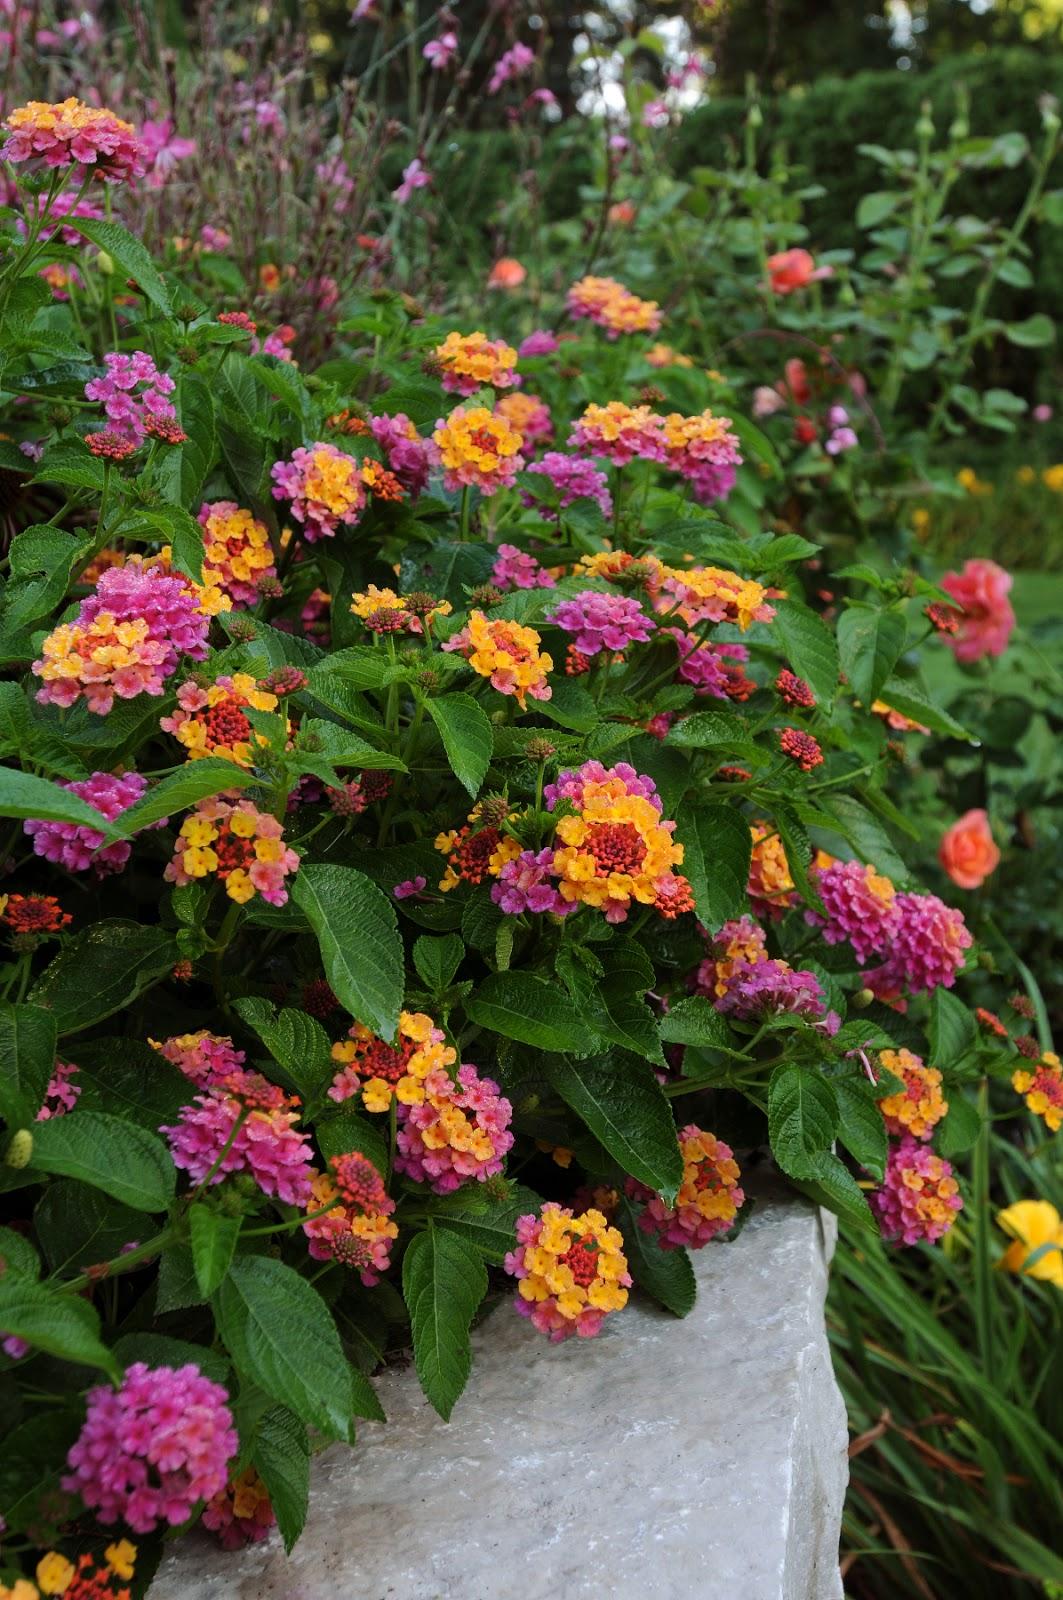 Heat Tolerant Plants For The 2013 Summer Garden